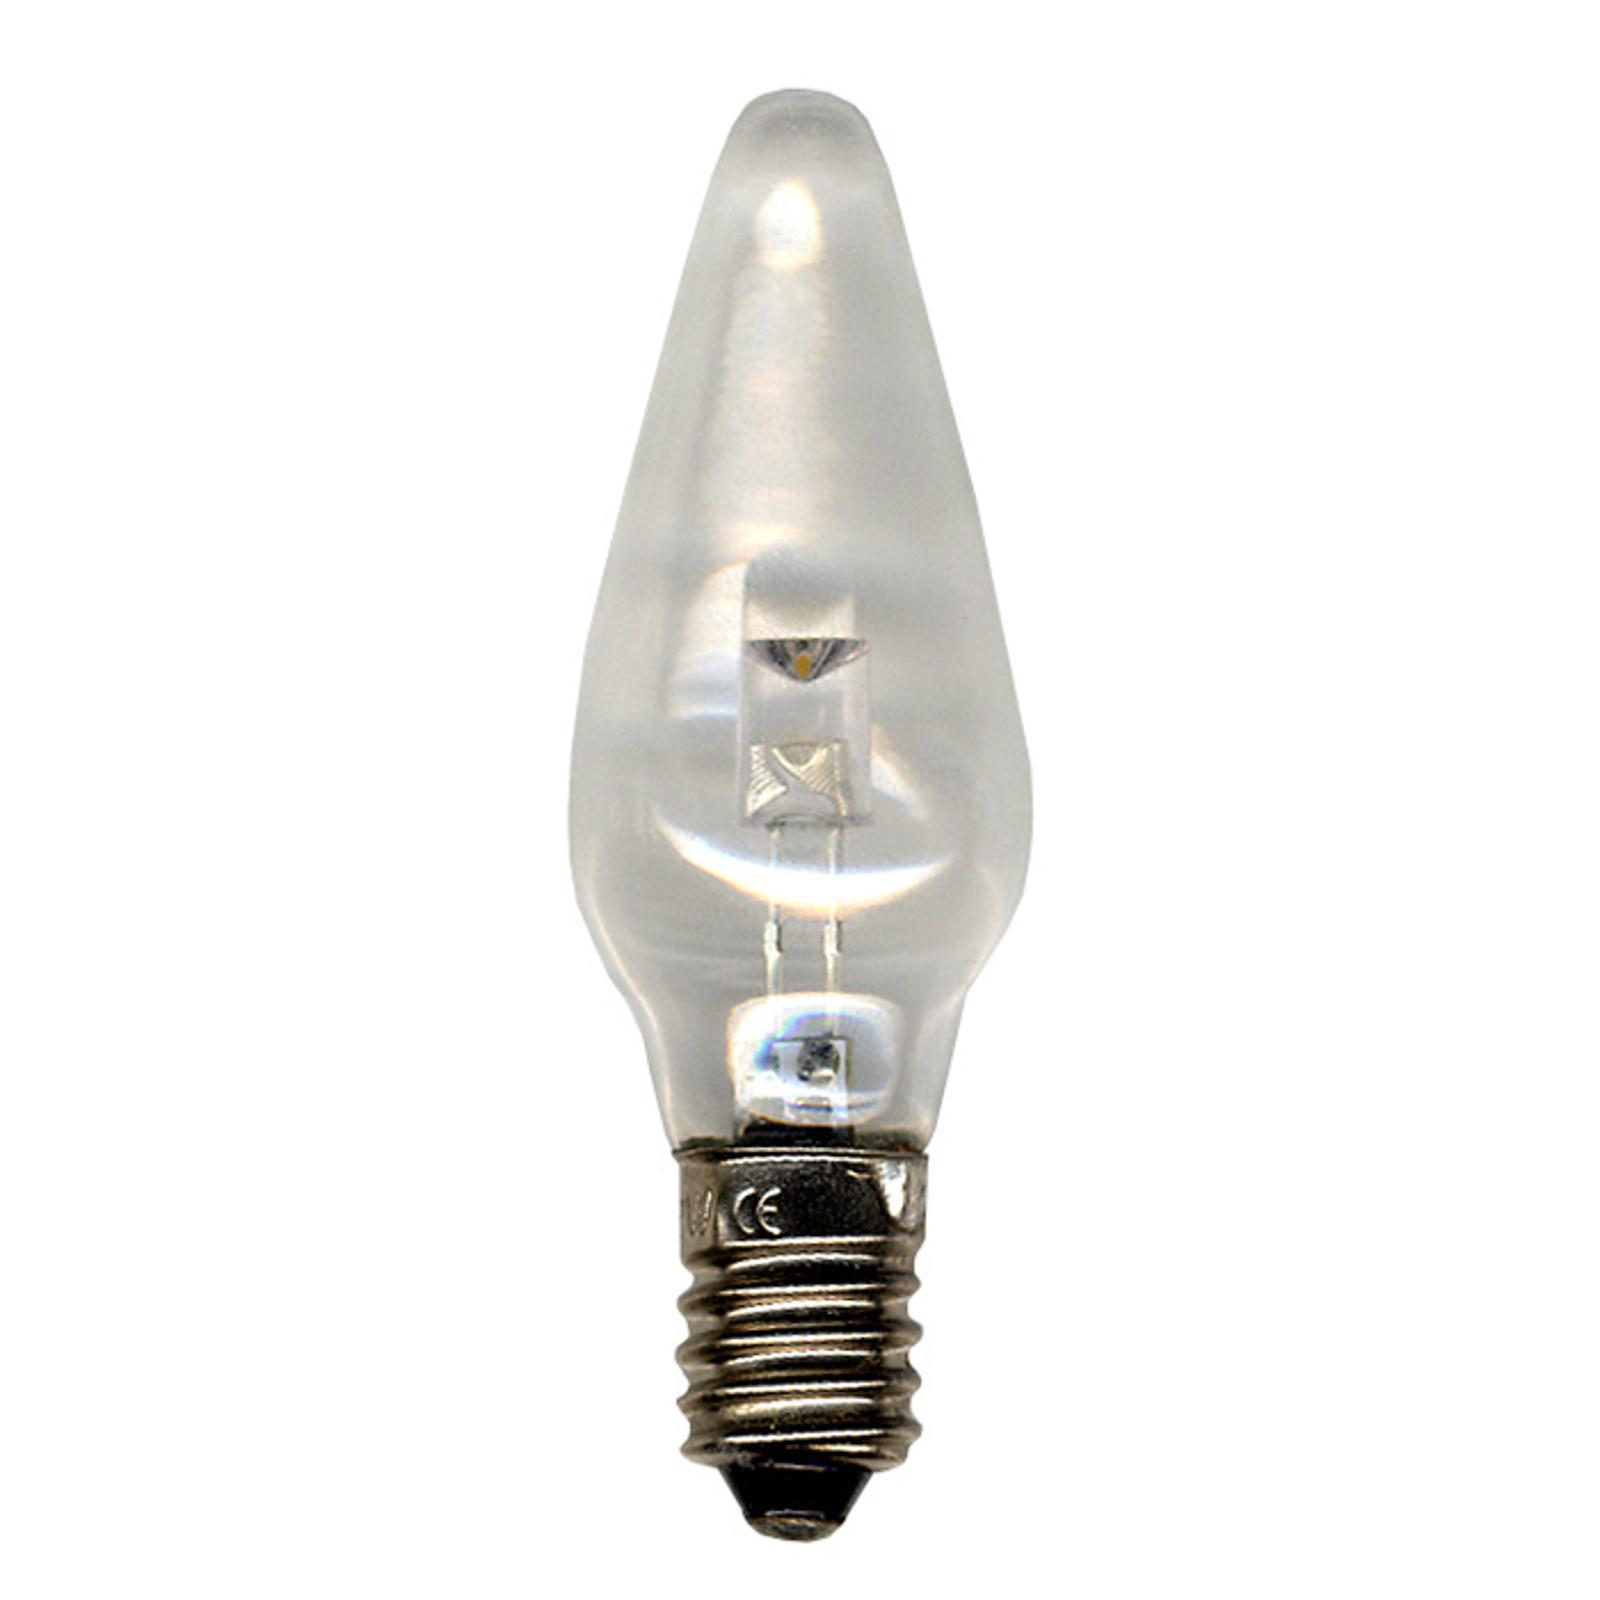 E10 0,2W 12V LED náhradní žárovky 3 ks, čirá